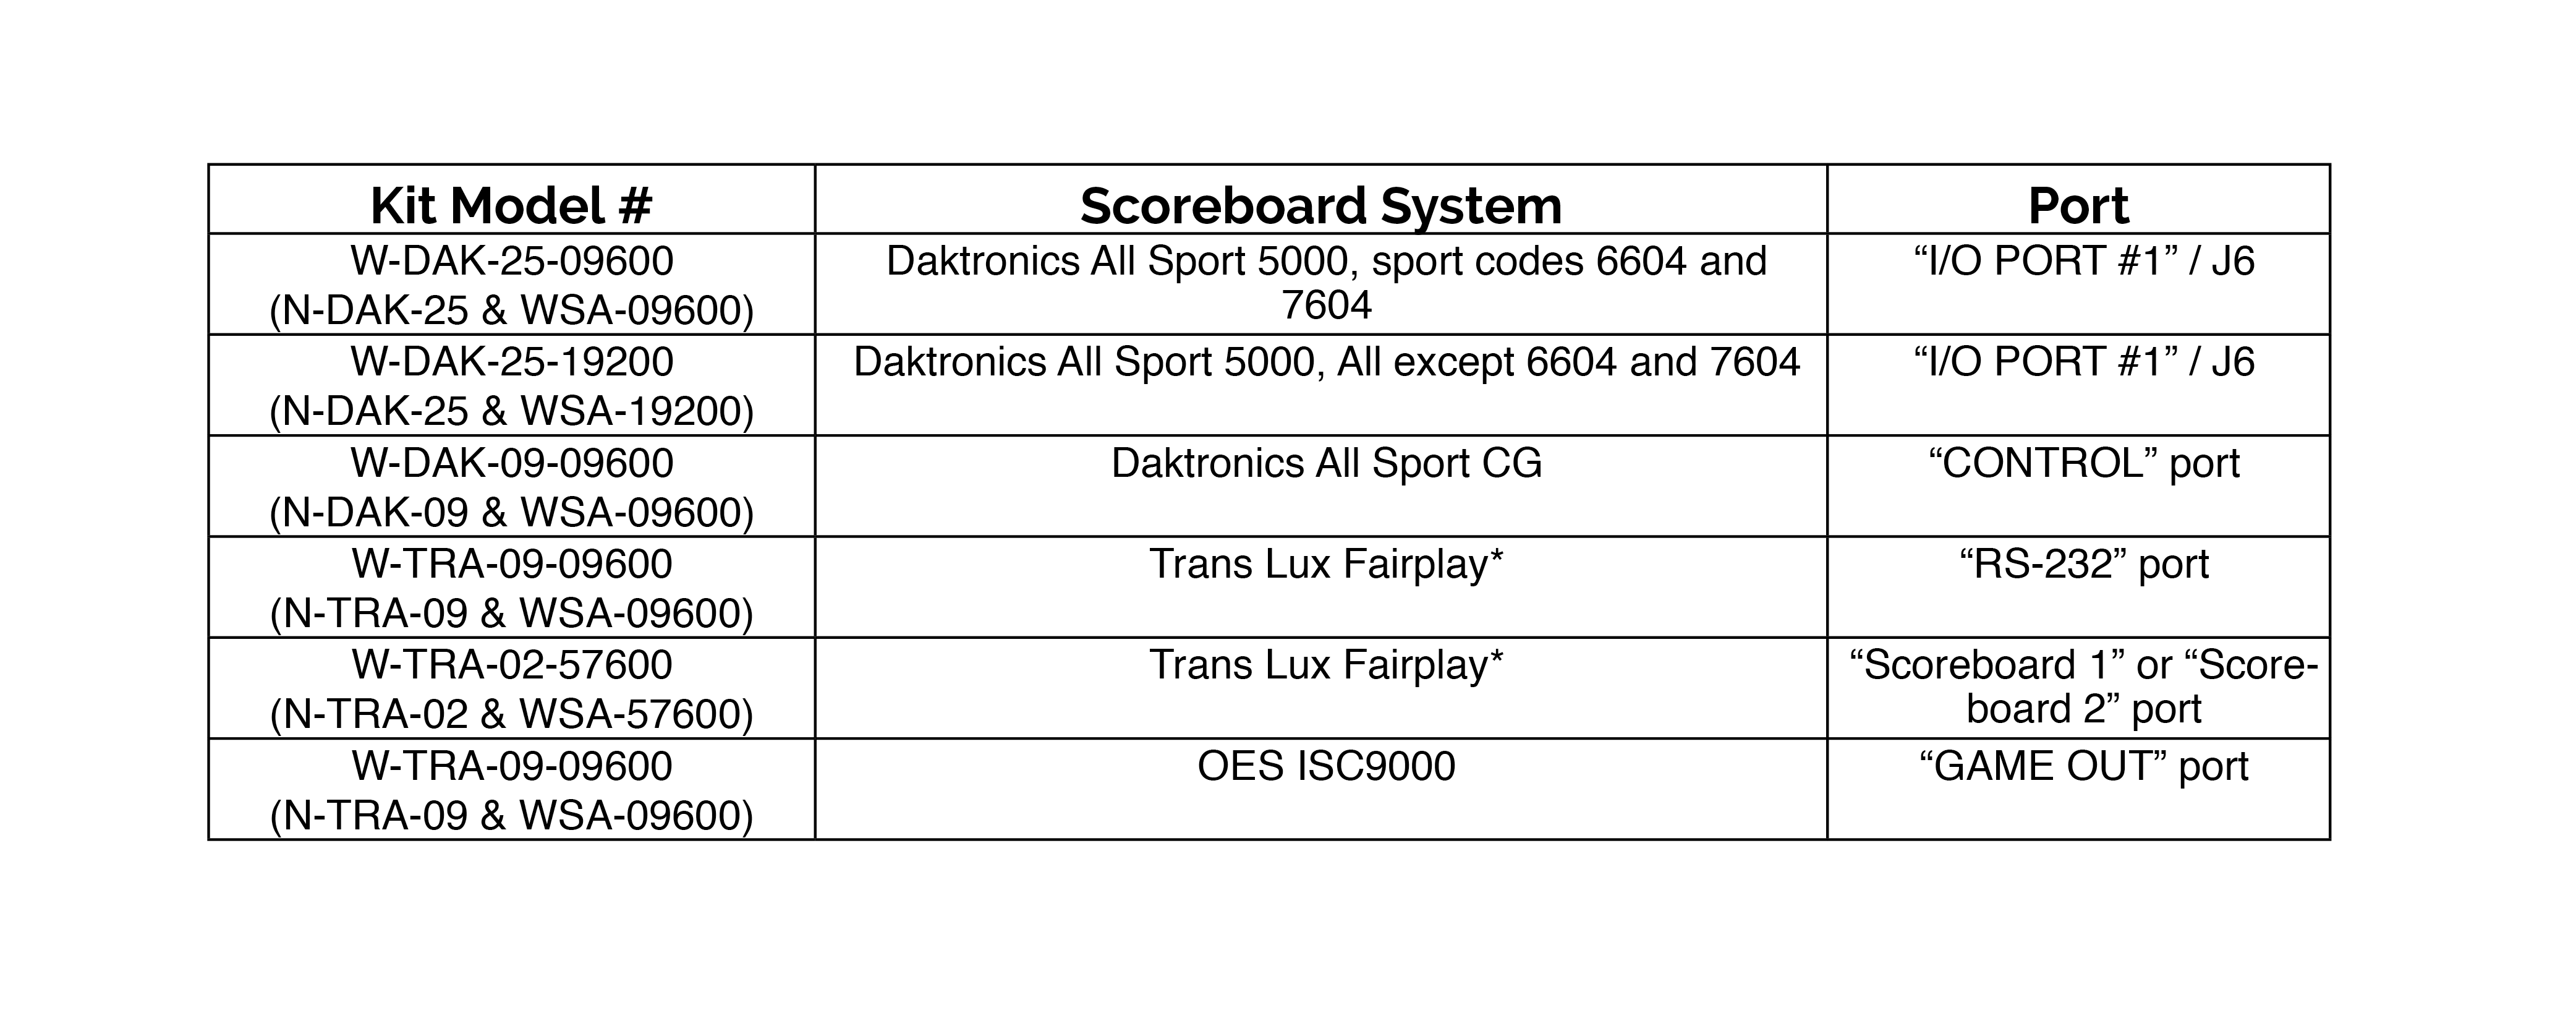 Scoreboard table